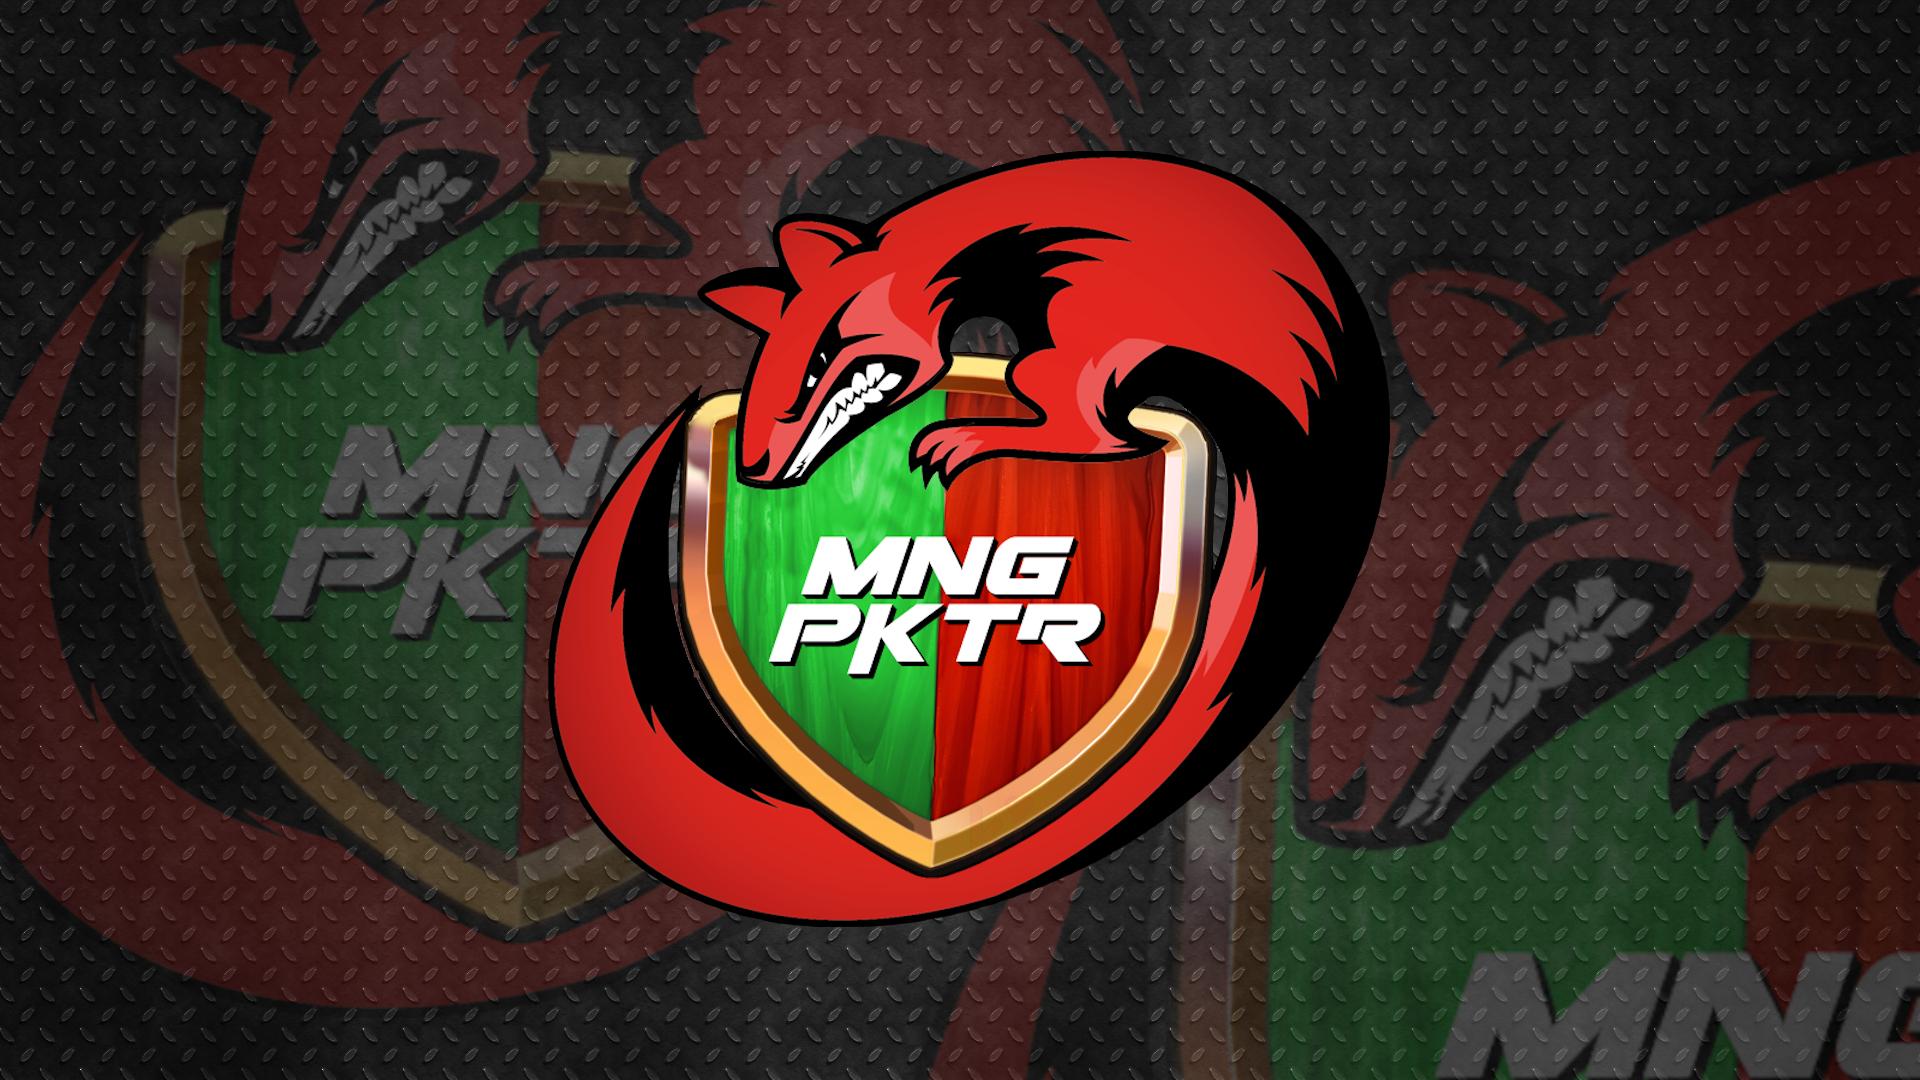 Nasce Manguste PKTR: dall'unione dell'ASD Manguste e la PKTR Family